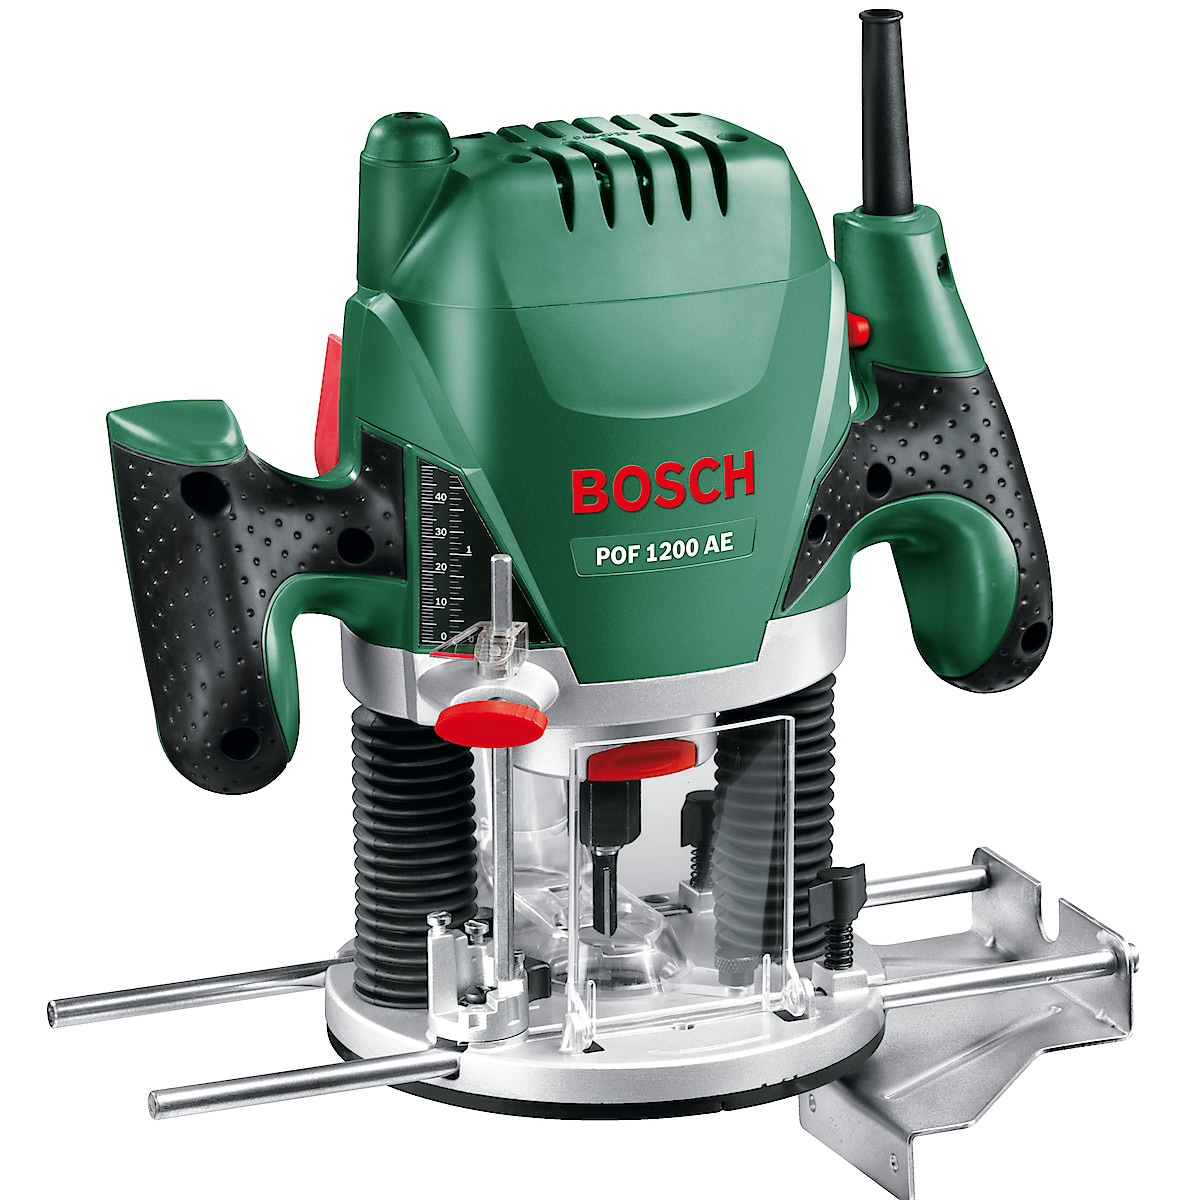 Handöverfräs Bosch POF 1200 AE